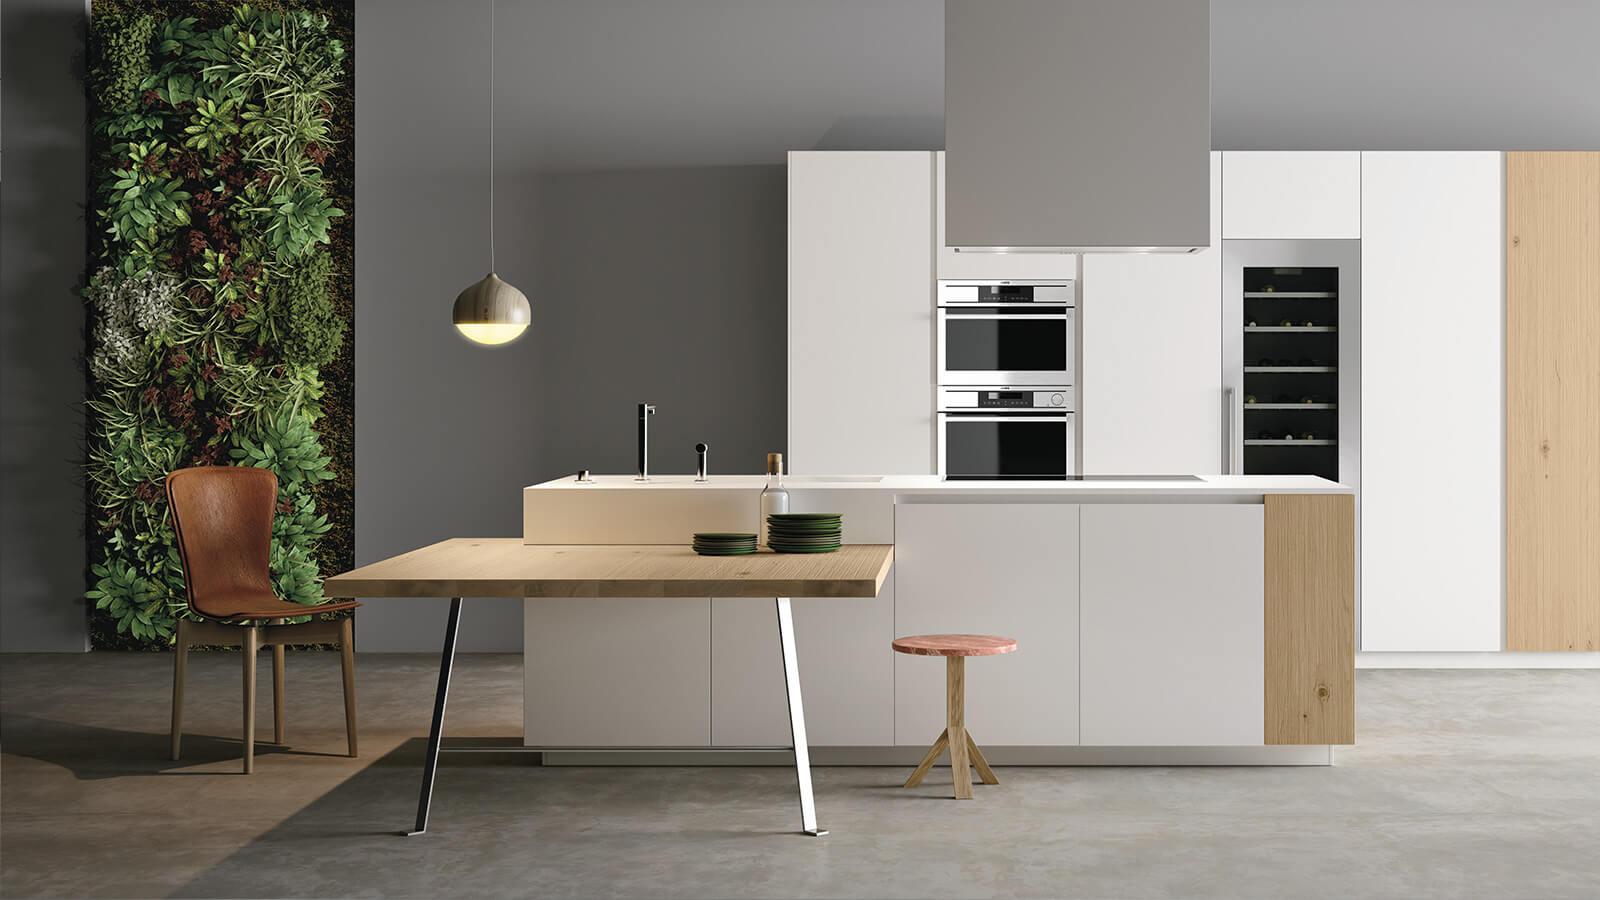 Materia-Kitchen-001